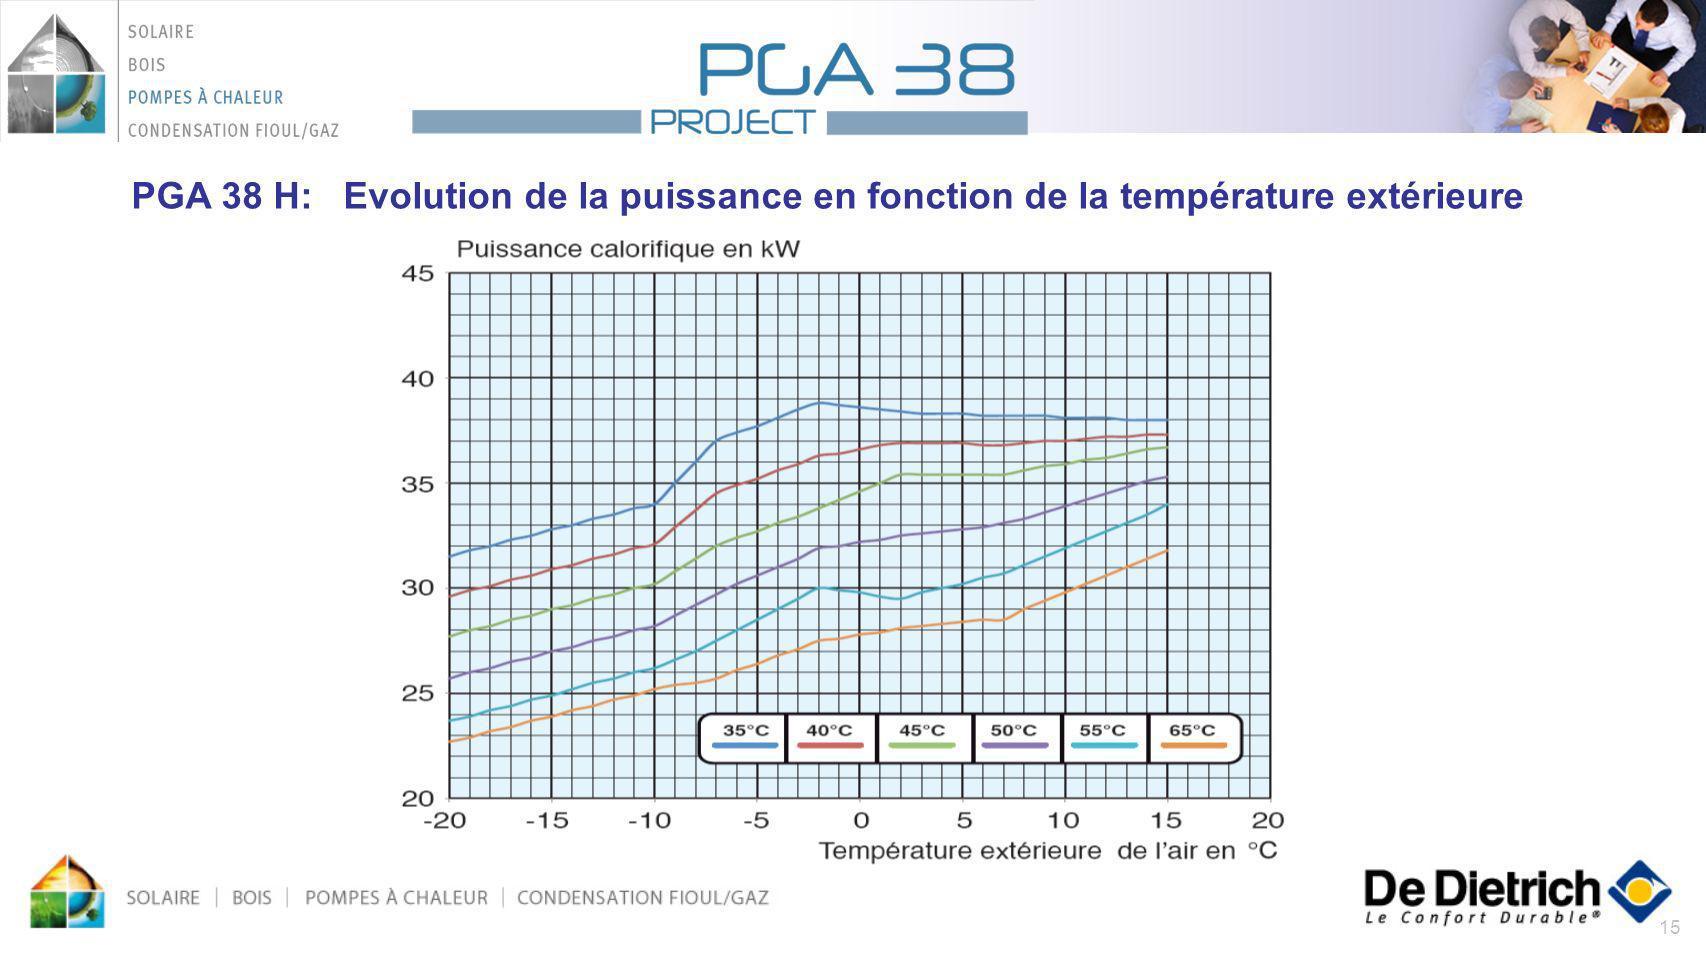 PGA 38 H: Evolution de la puissance en fonction de la température extérieure